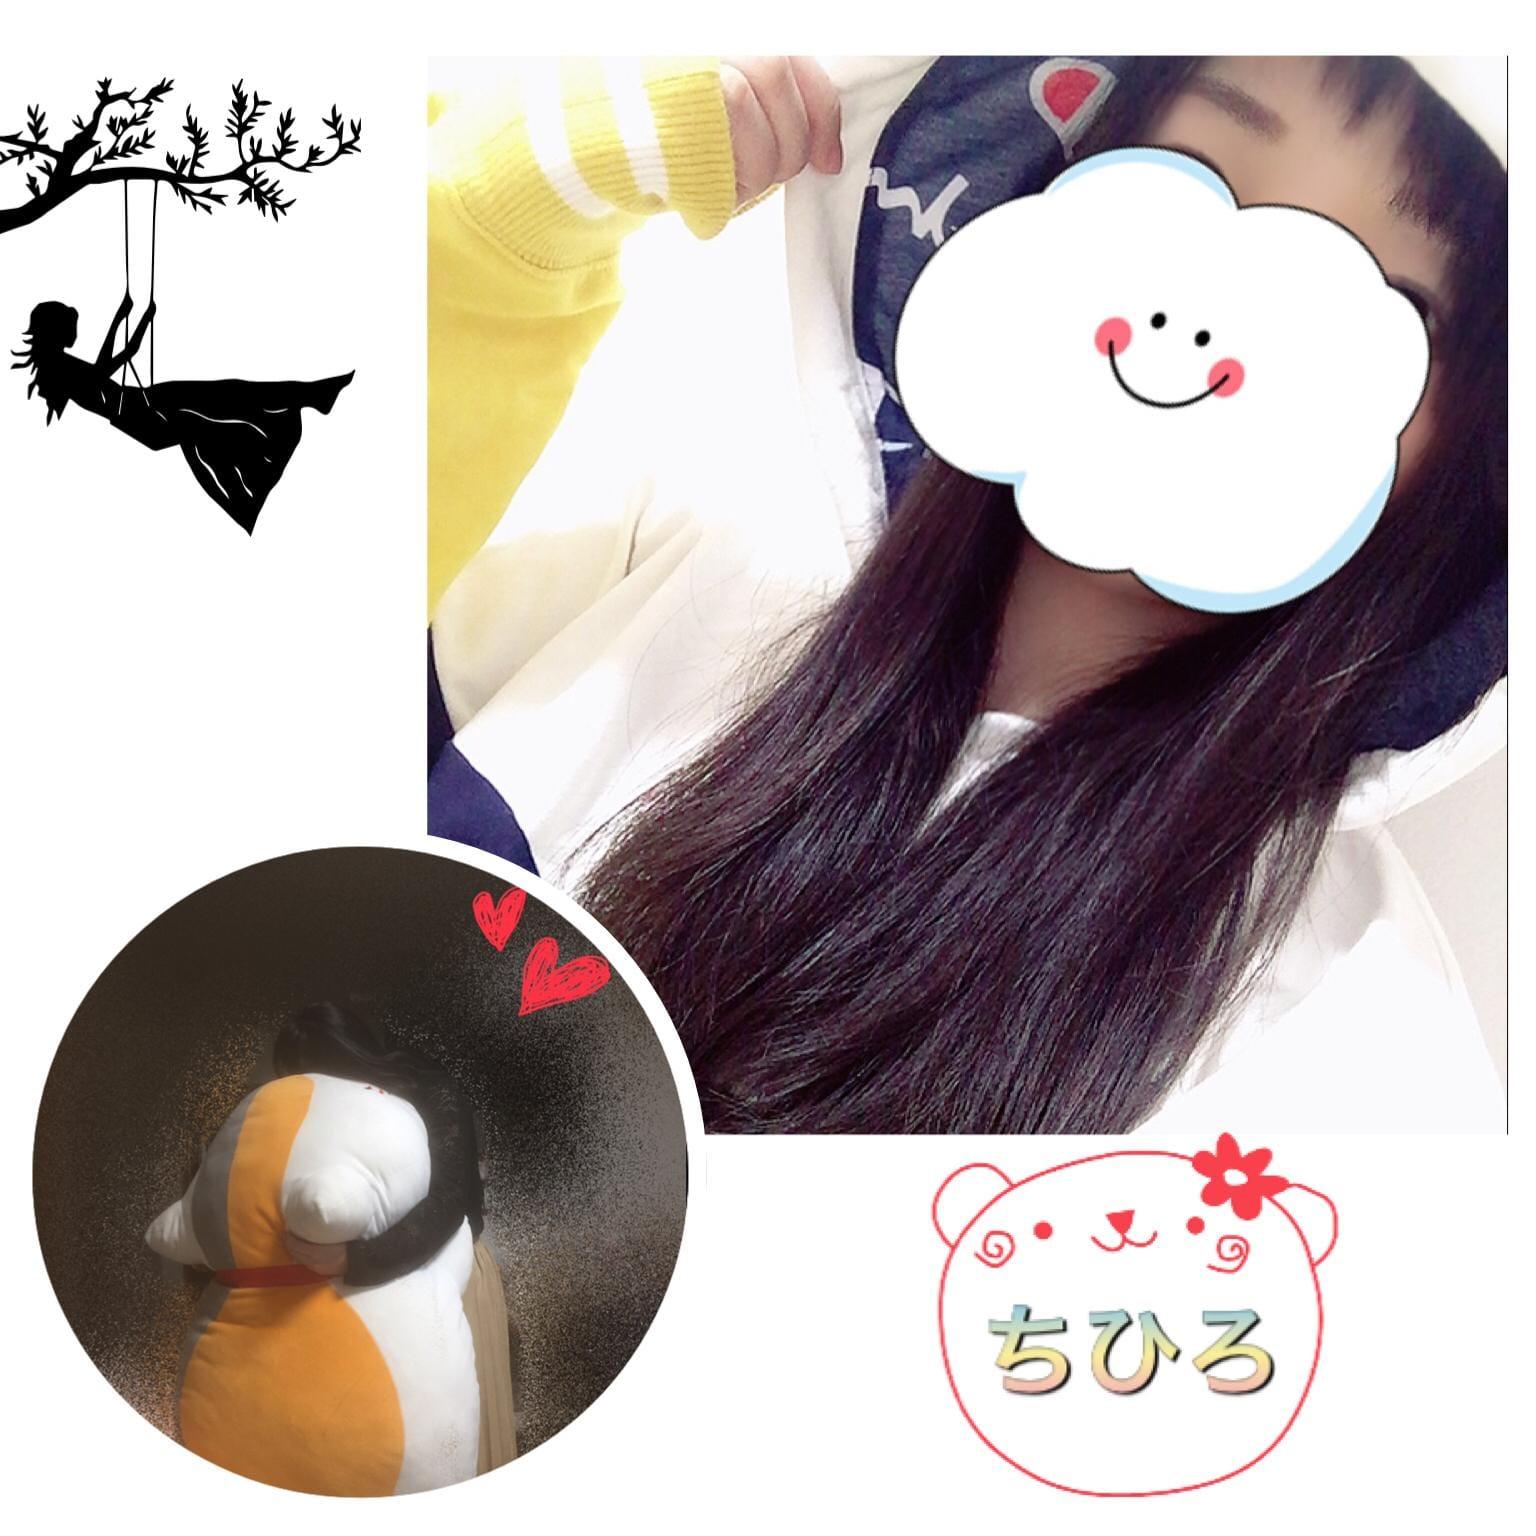 「\( '-'\* )」11/24(11/24) 18:23   早乙女 ちひろの写メ・風俗動画